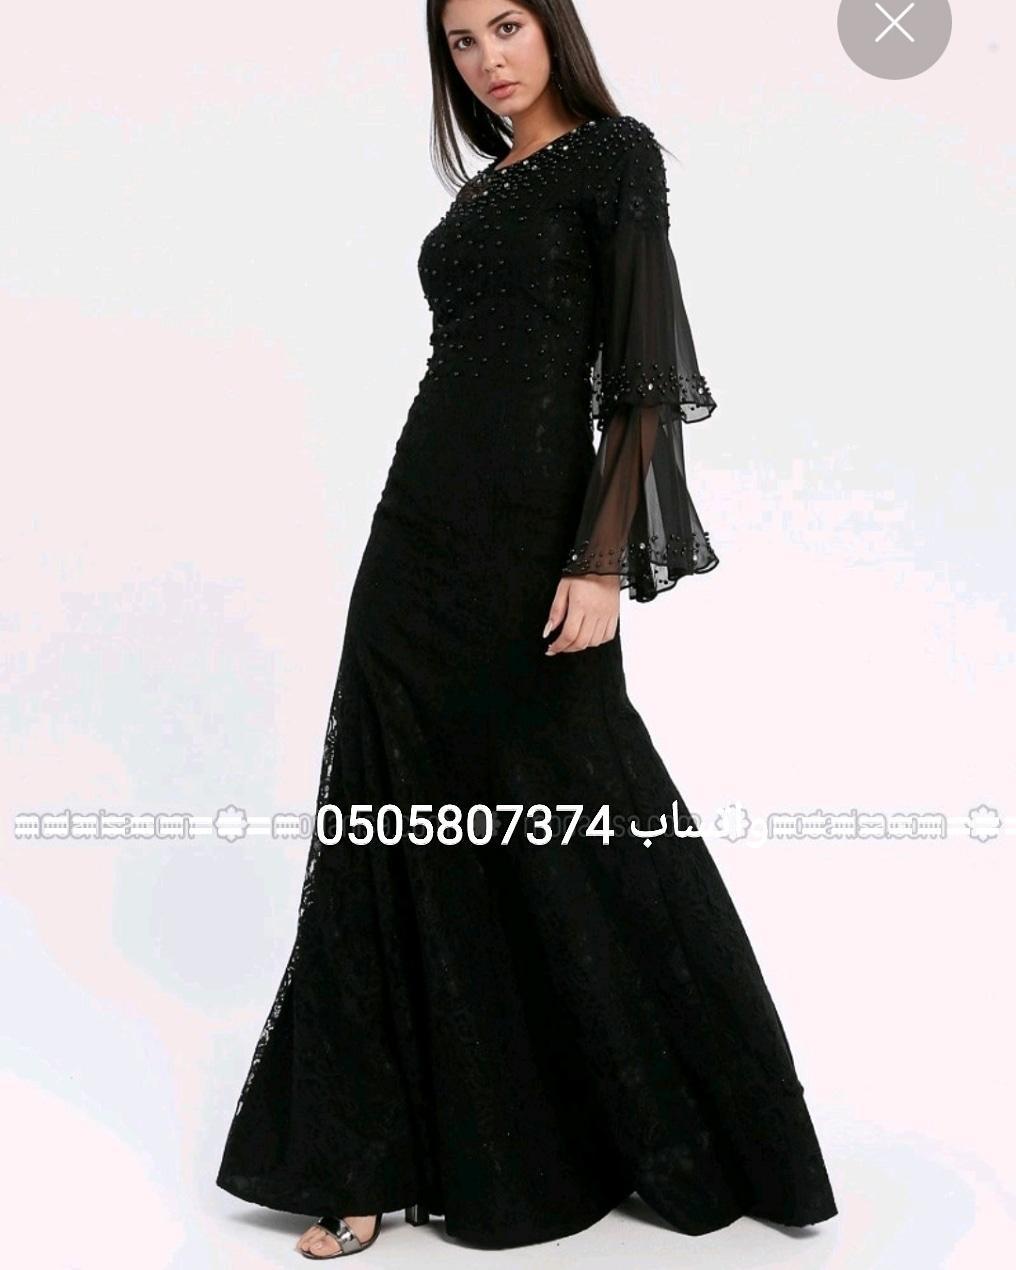 a256ee657 اجمل الملابس التركية💗💗فساتين سهرة